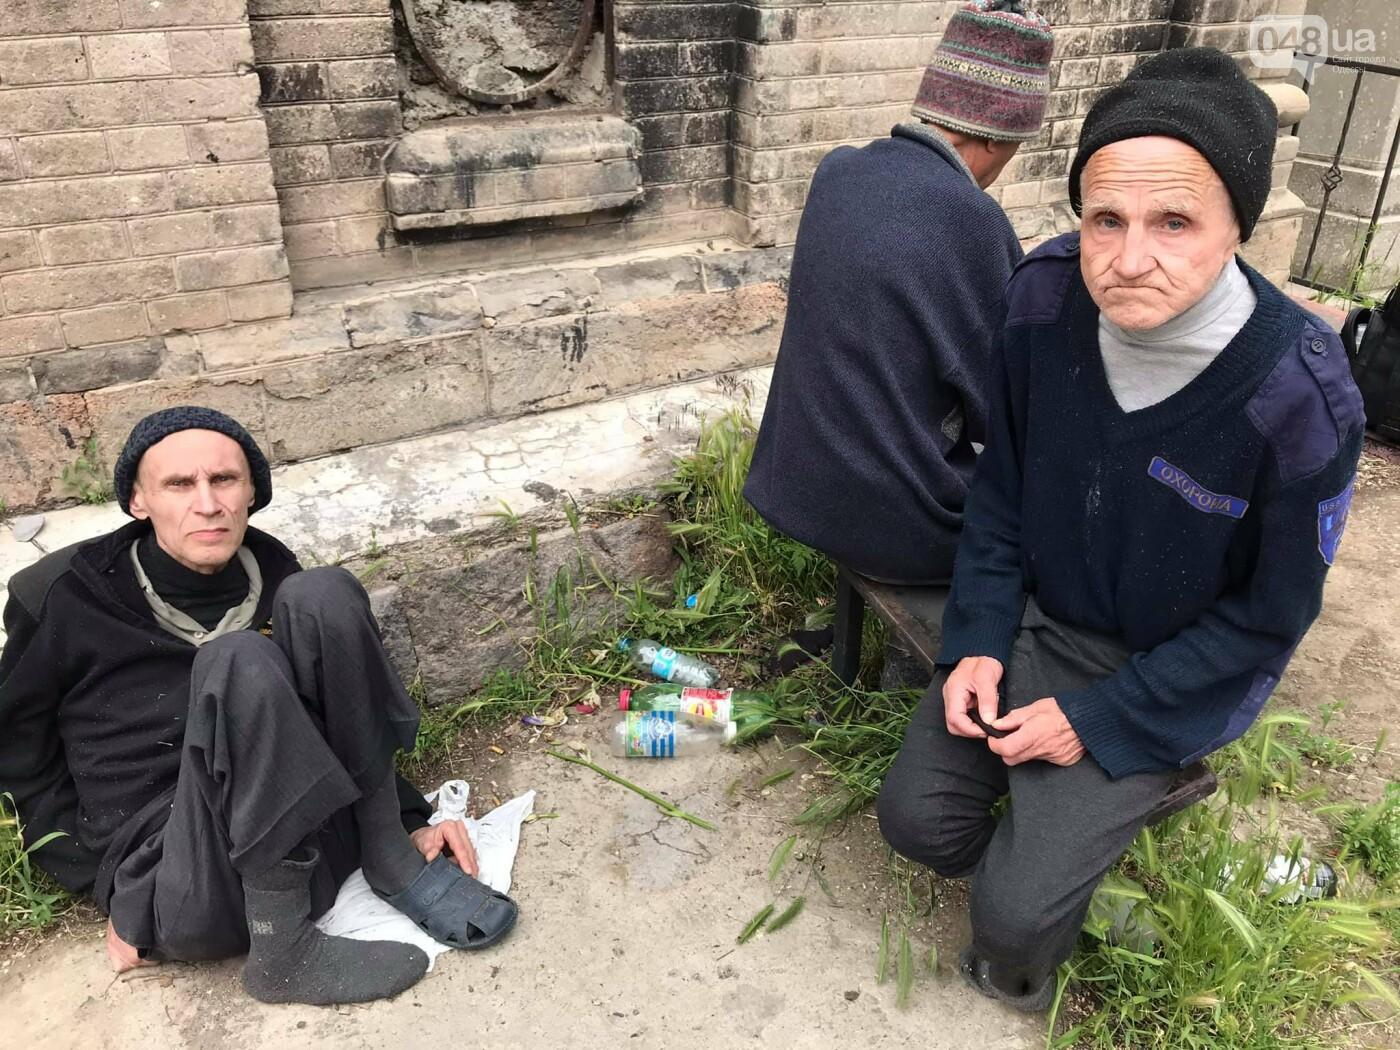 Стала известна судьба трех людей с инвалидностью, выброшенных на кладбище в Одессе, - ФОТО, ВИДЕО, фото-2